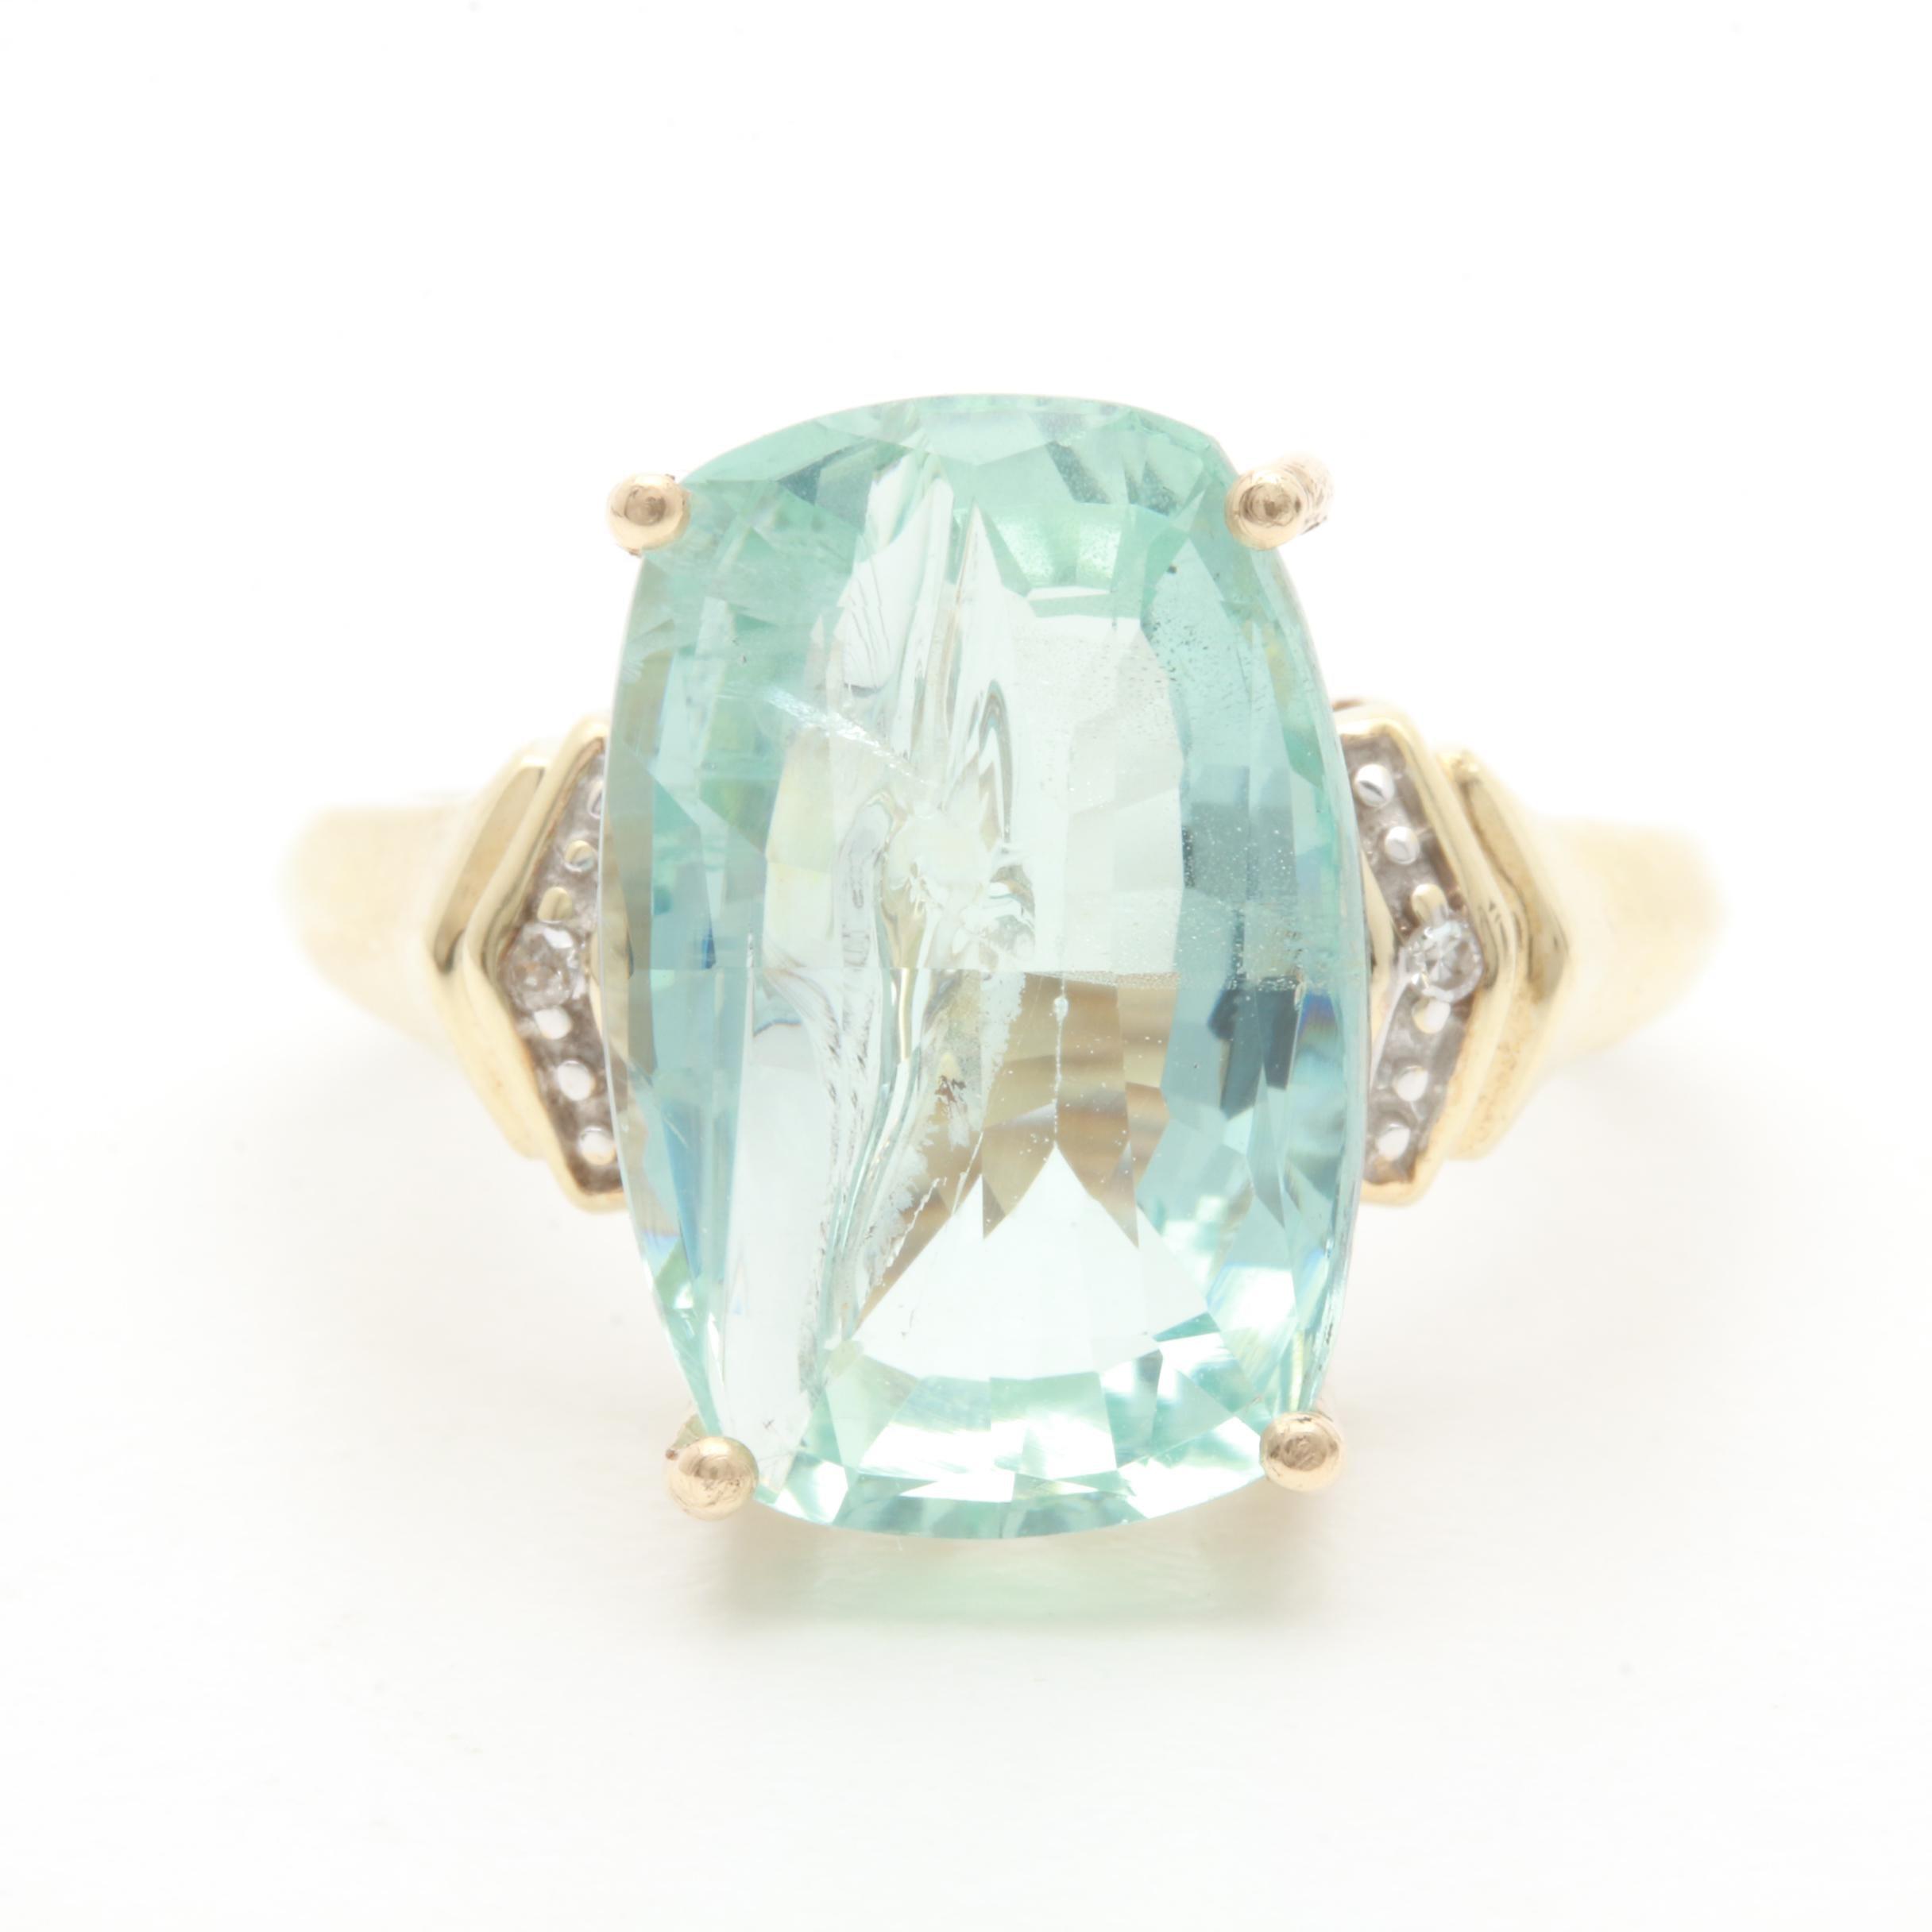 10K Yellow Gold 6.92 CT Aquamarine and Diamond Ring